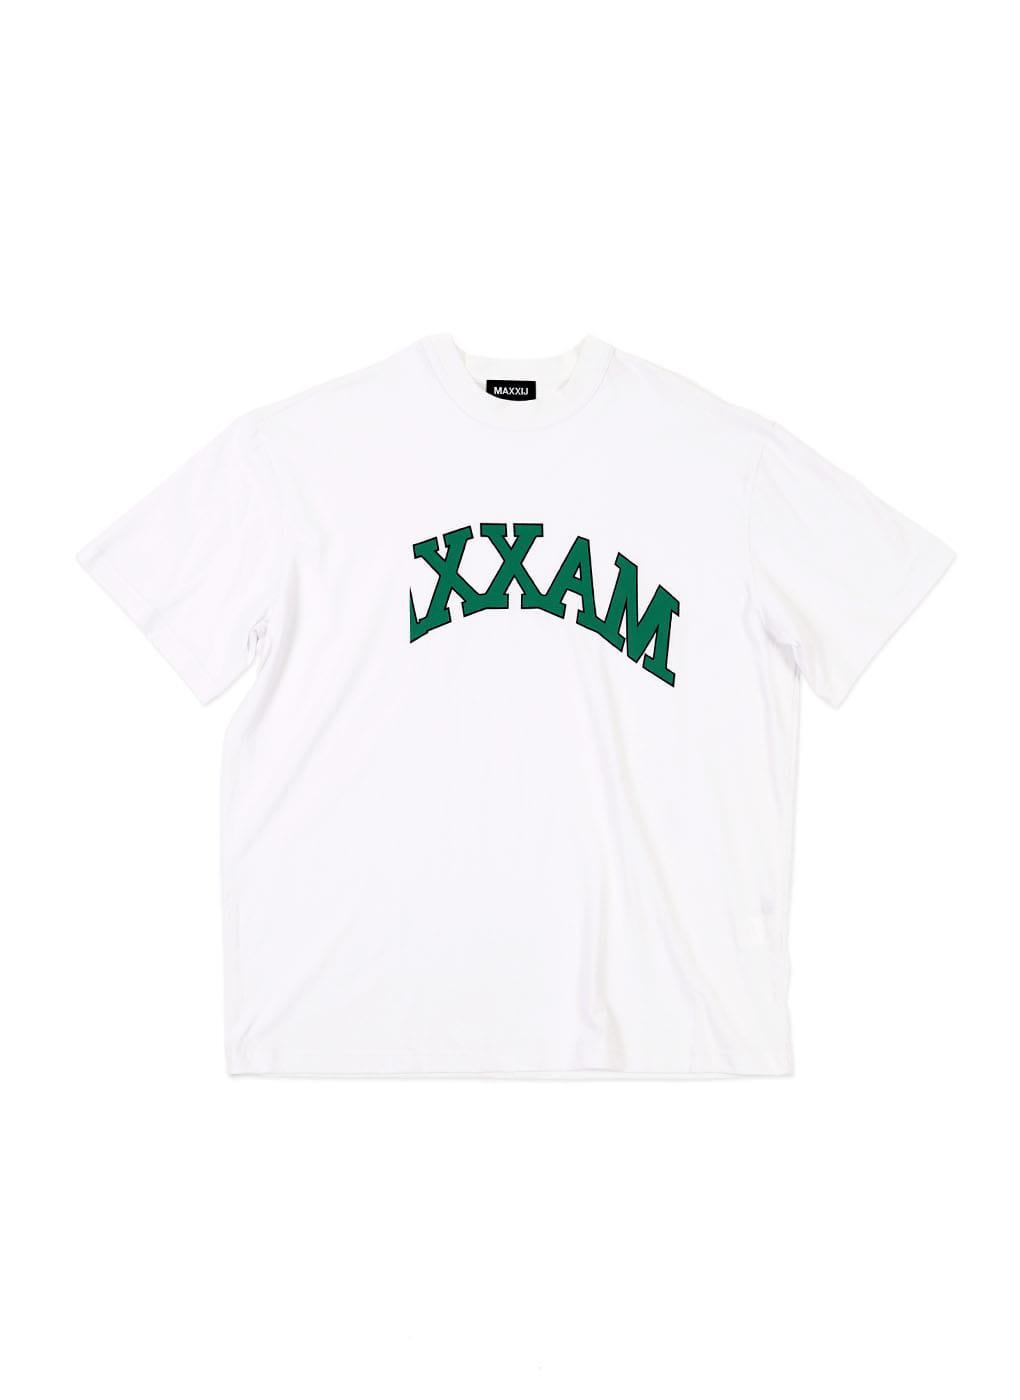 White Basic Collage Printed Tshirt